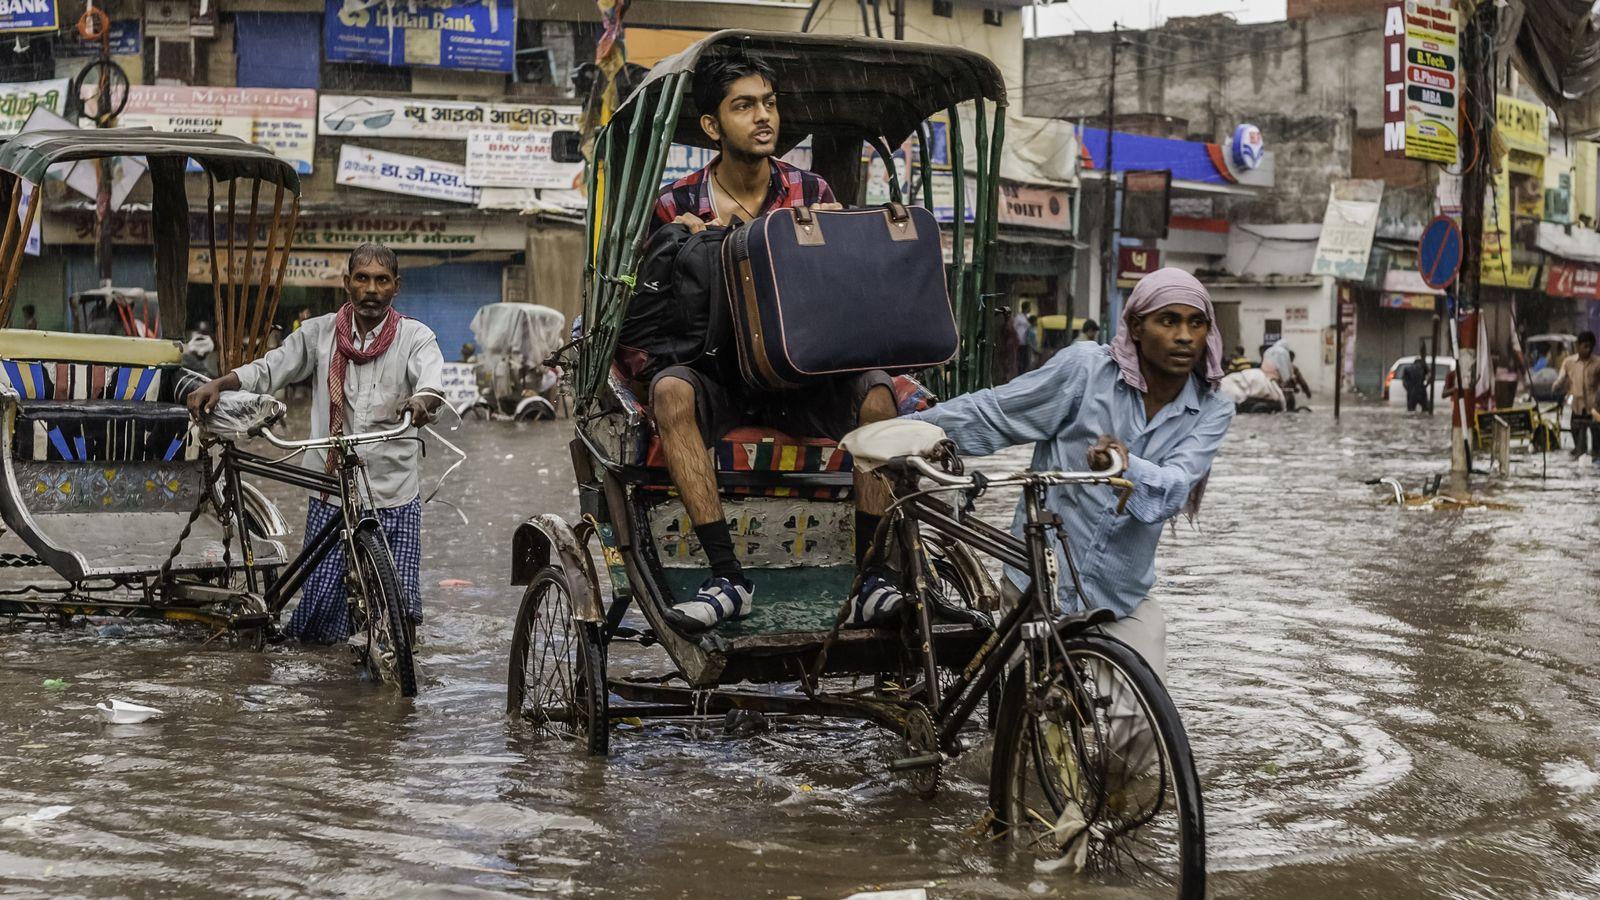 Varanasi, Inde - 11 août 2011: des rickshaws et un passager avec une valise tentent de ...